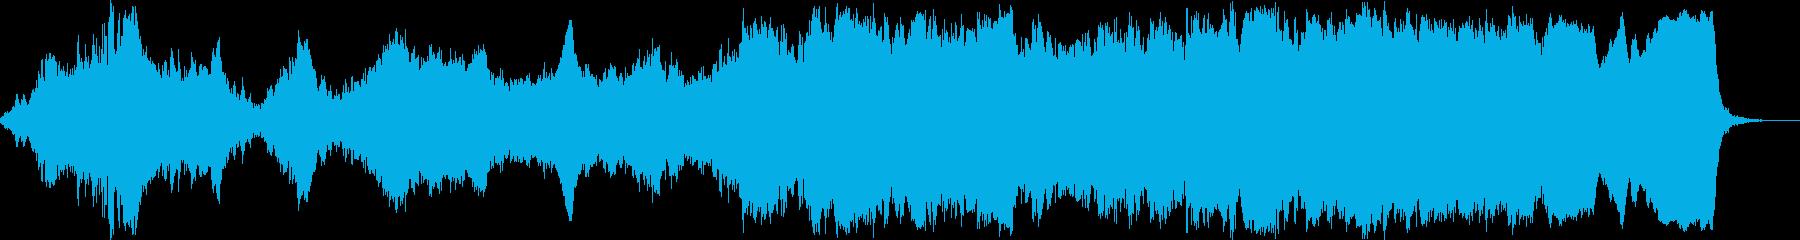 科学番組やナレーション向けBGMの再生済みの波形